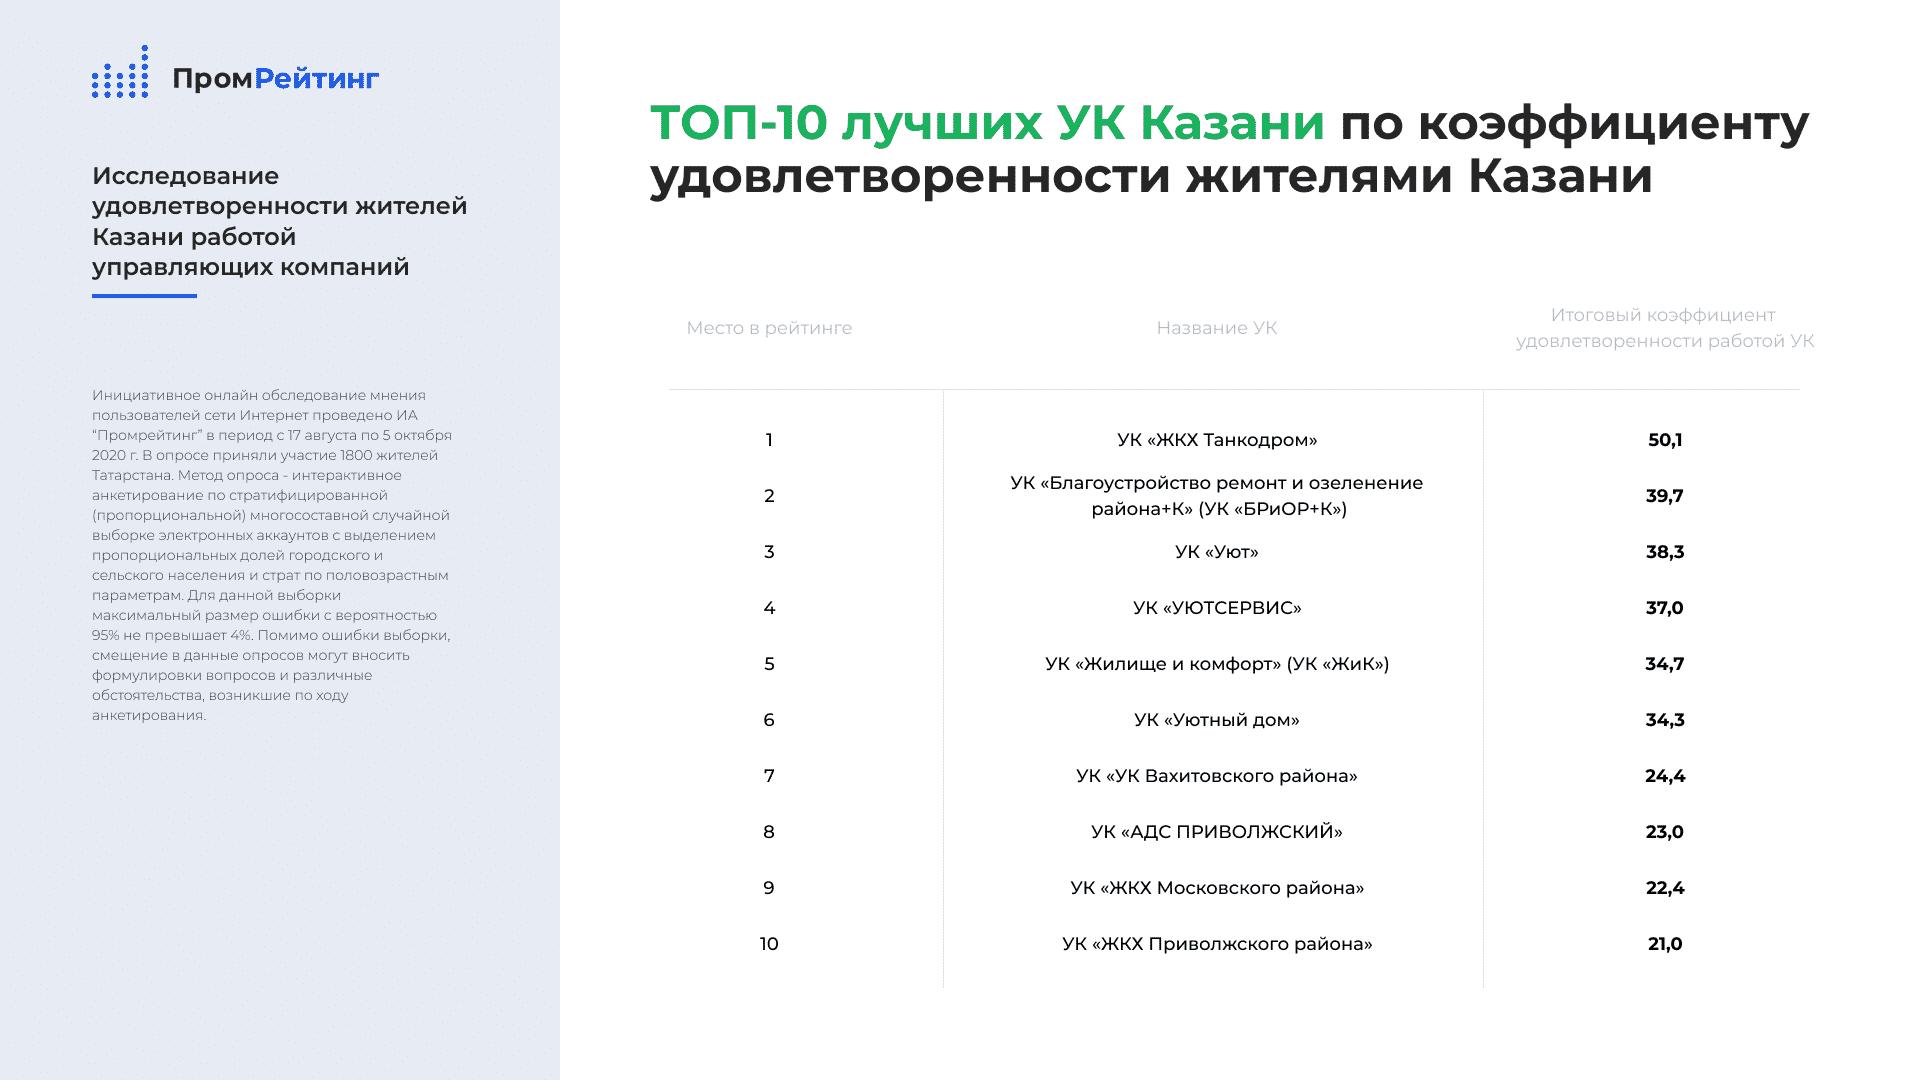 ТОП-10 лучших УК Казани